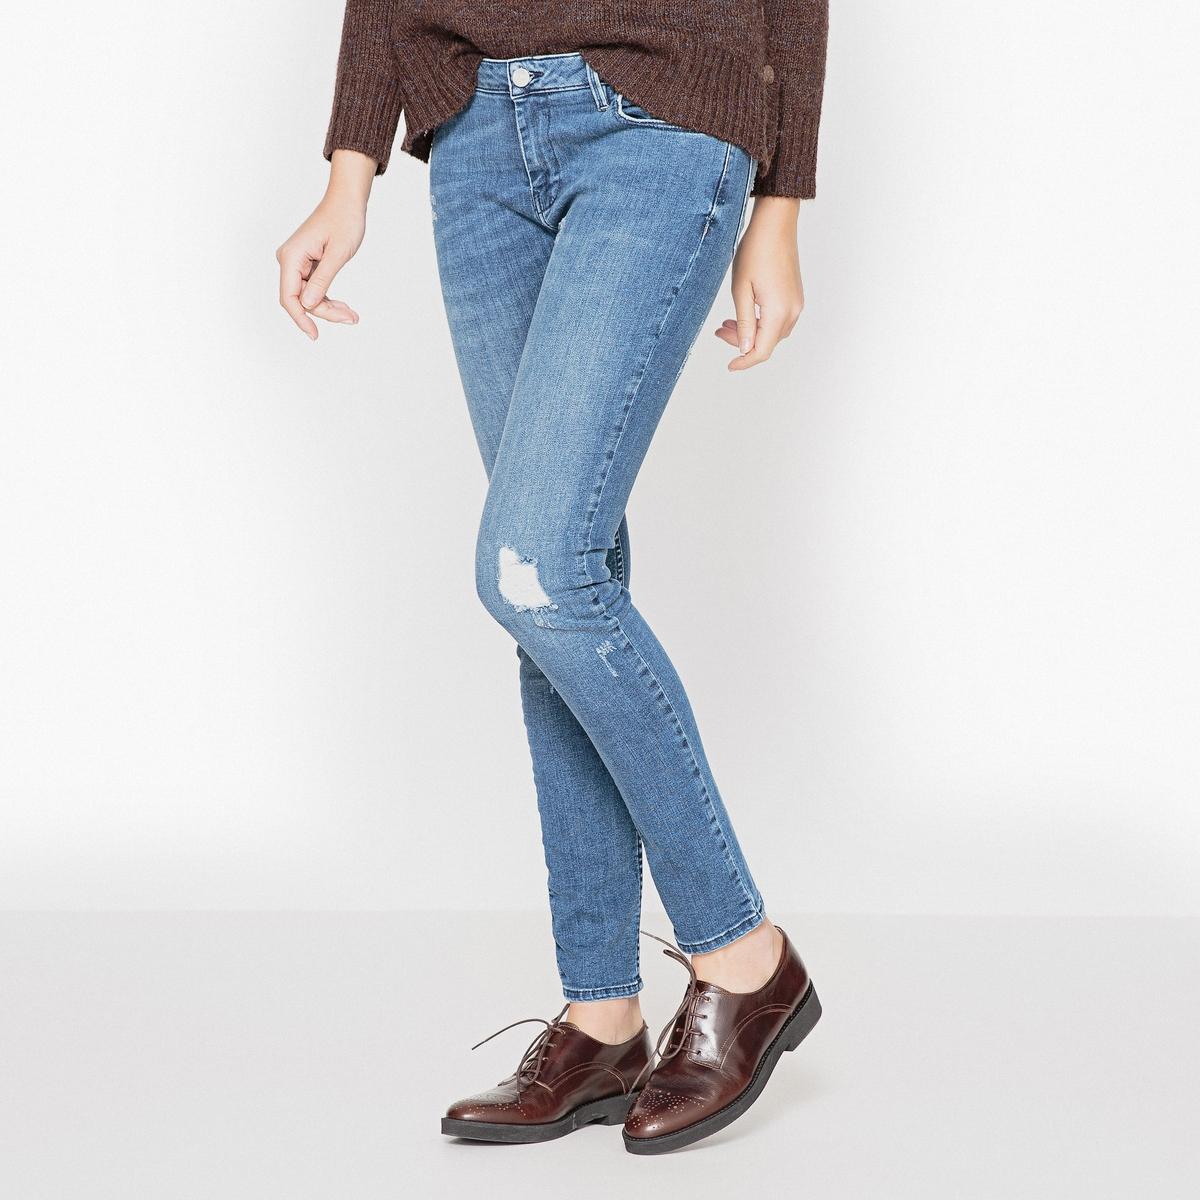 Джинсы-скинни NELLY DENIM джинсы узкие скинни с вышивкой для 10 16 лет